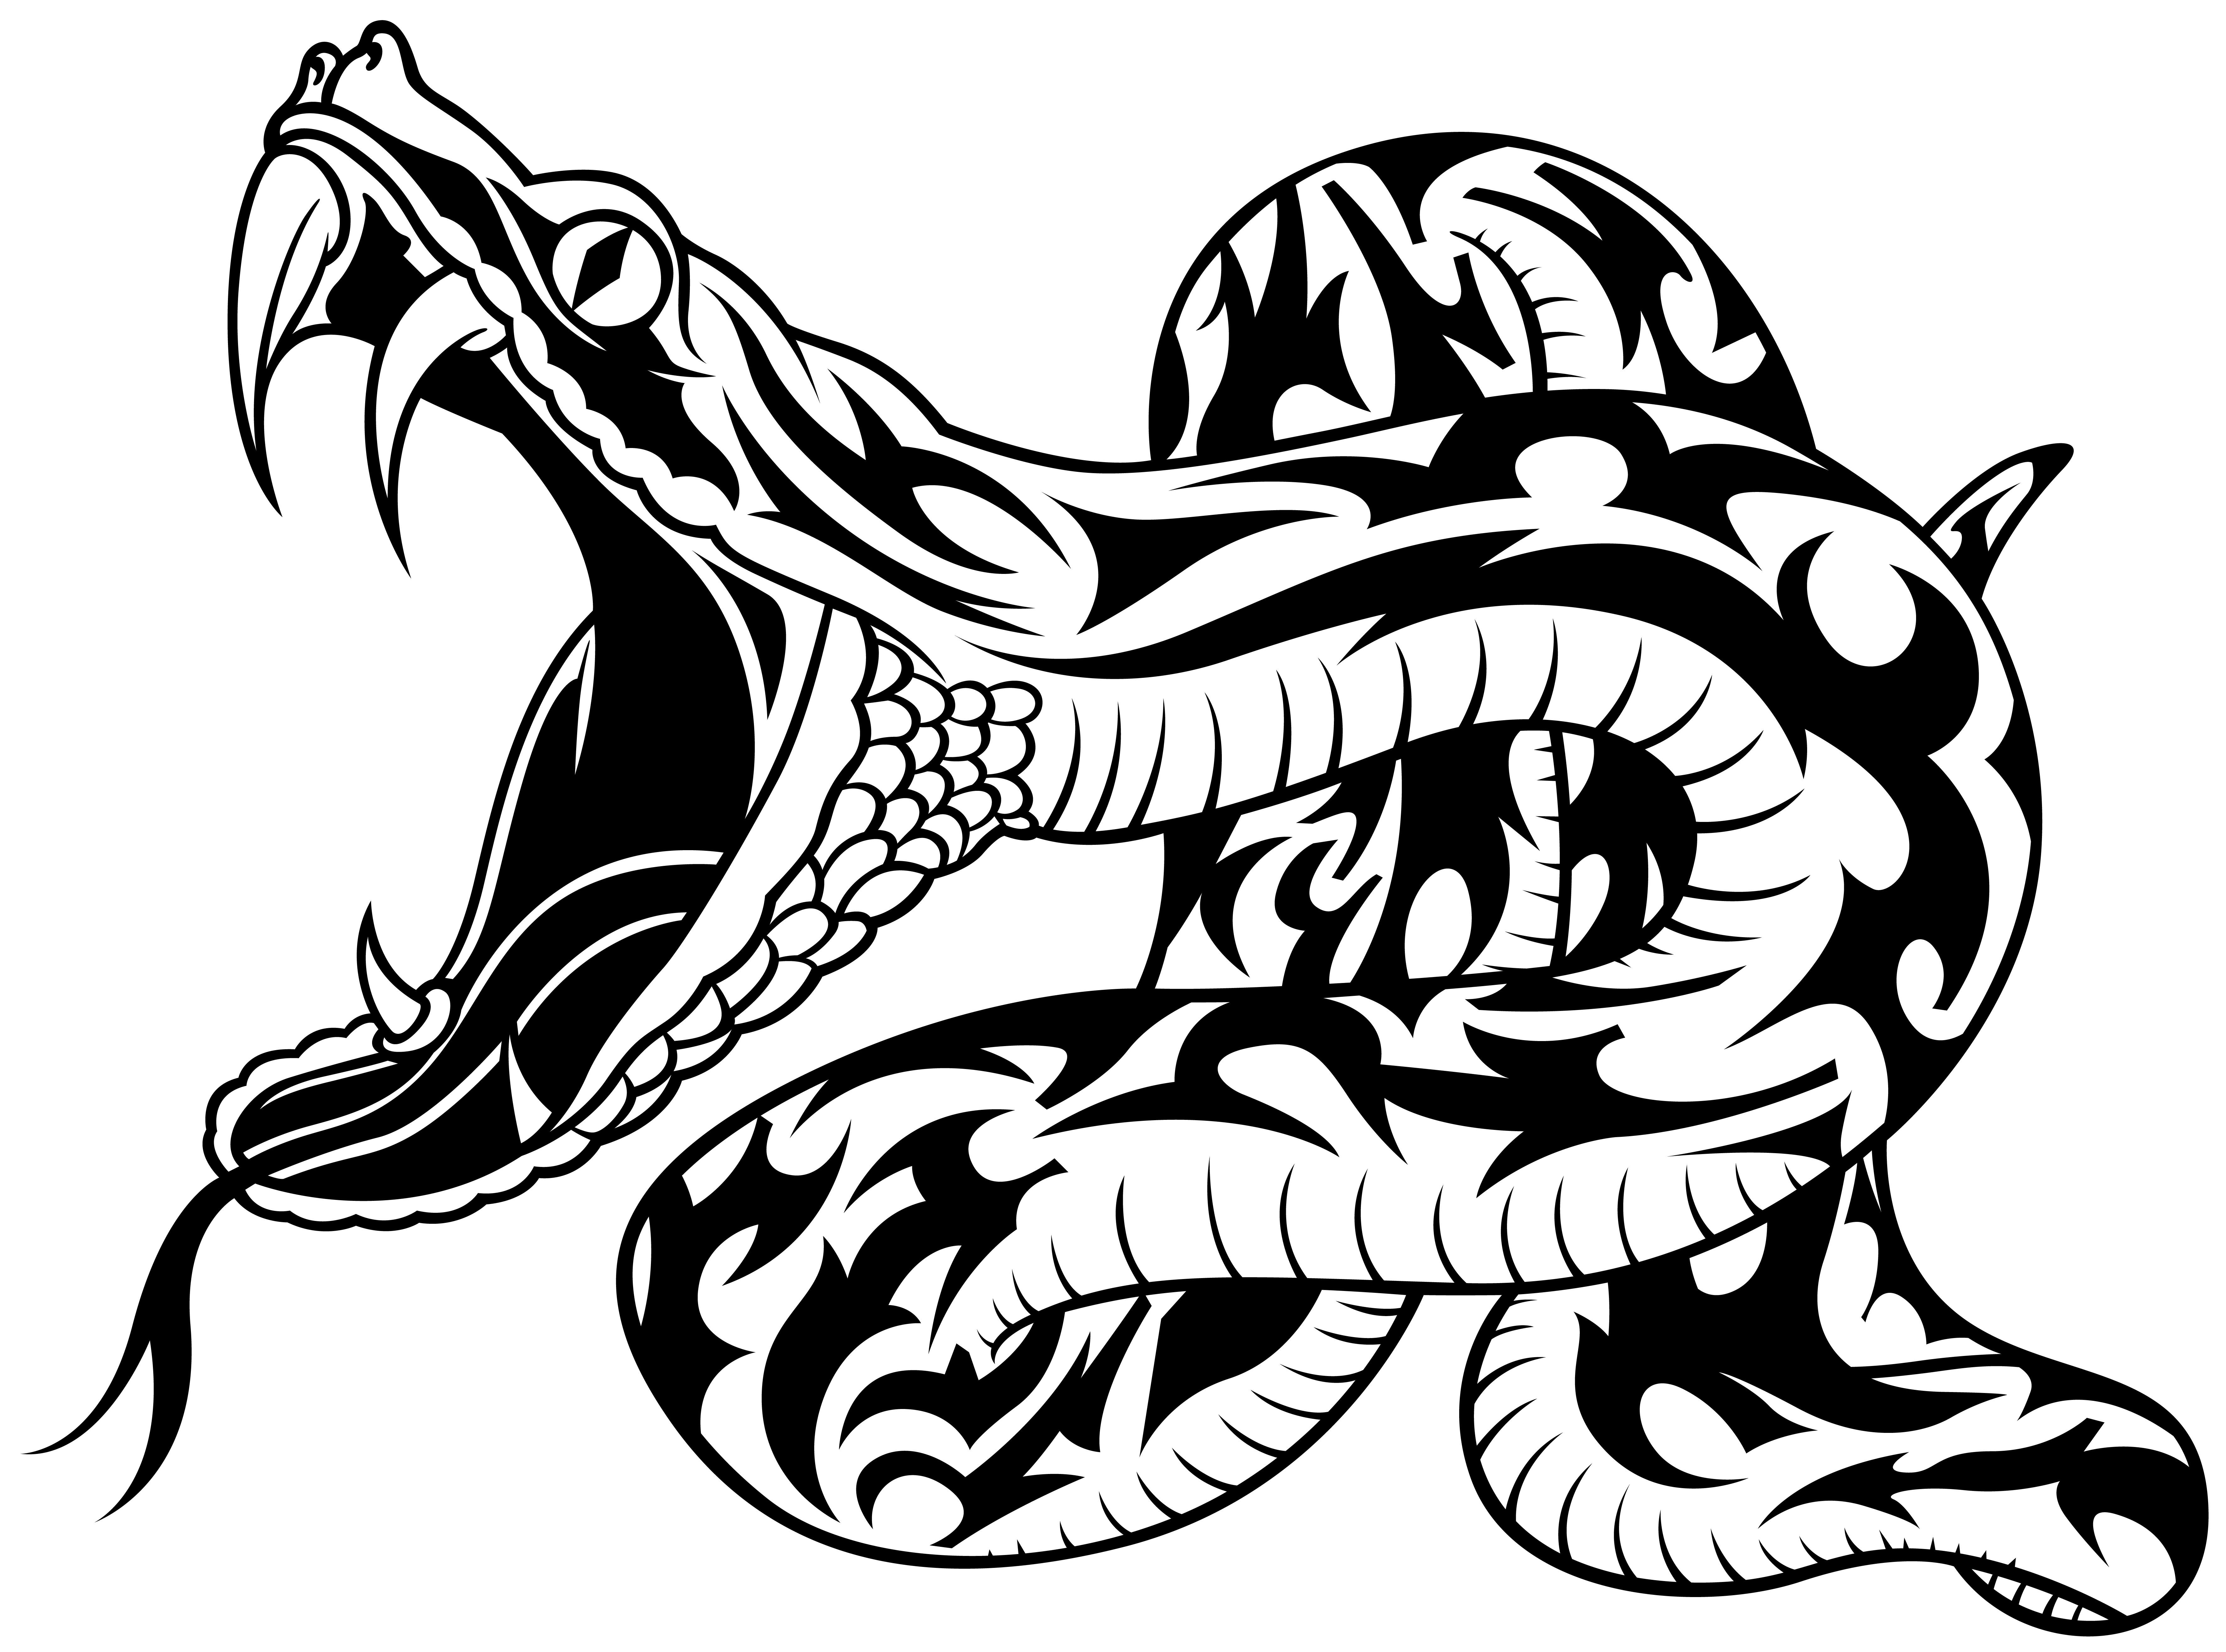 Rattlesnake clipart tribal #4